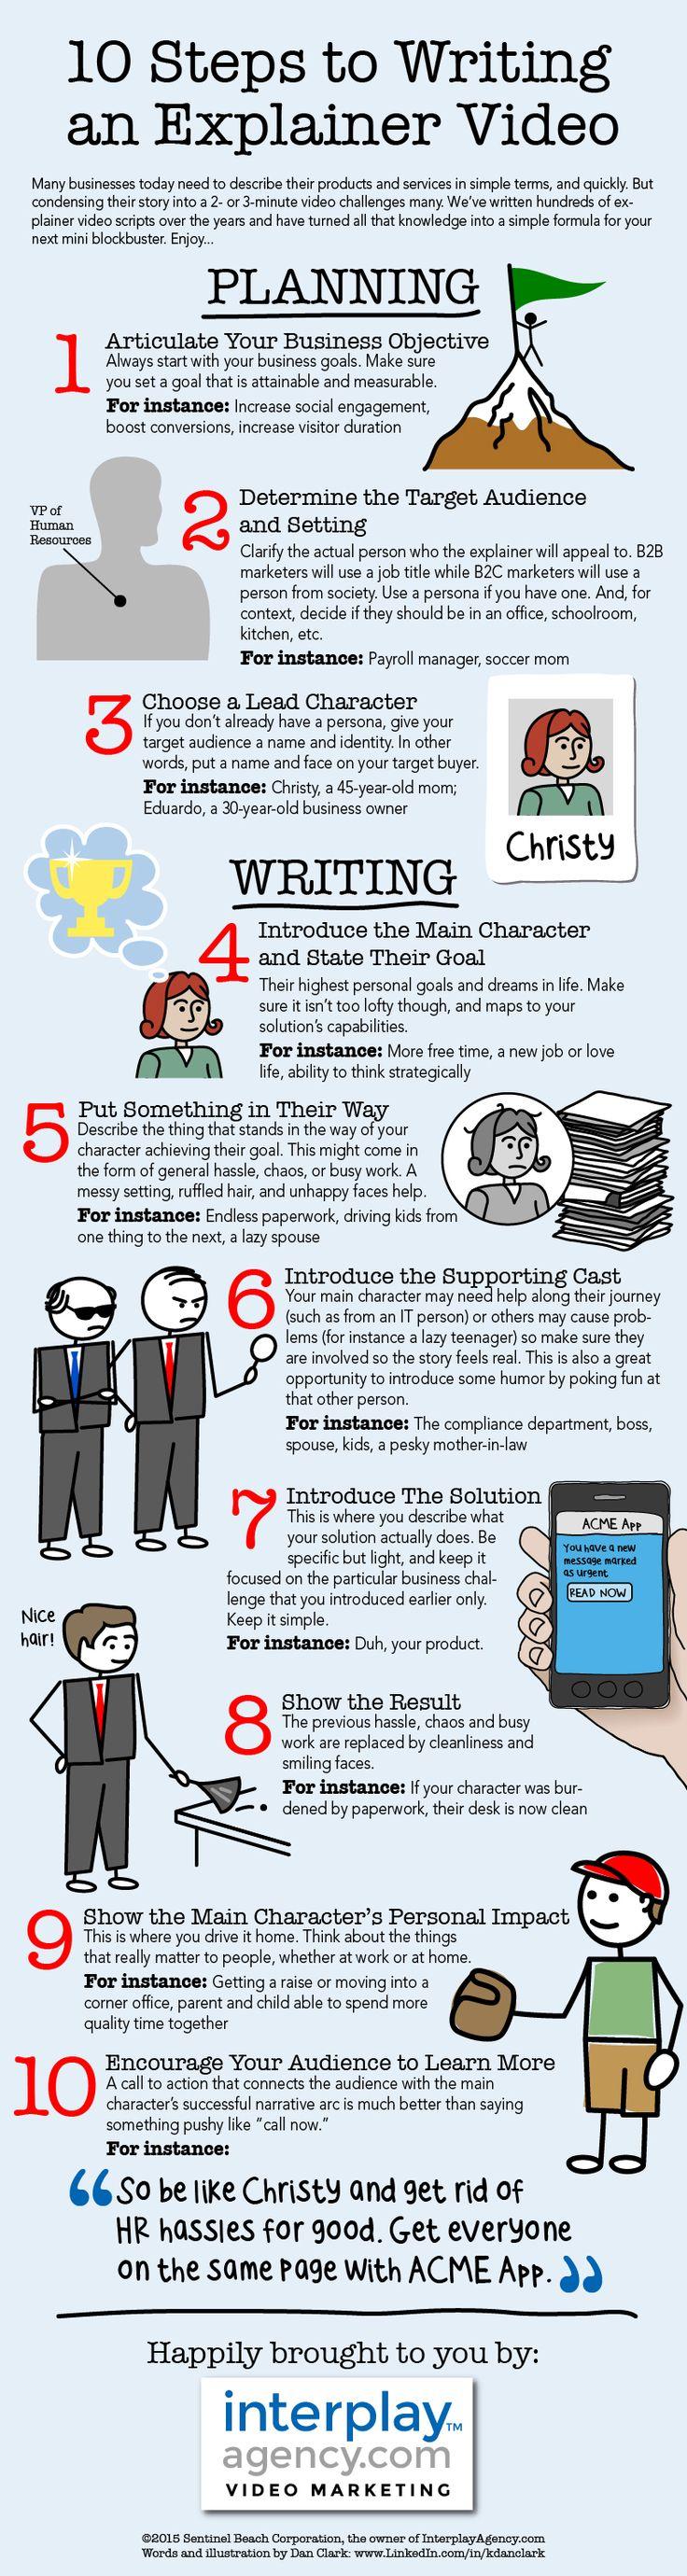 How to write an explainer video infographic - http://www.InsaneBuzz.com/weddings.htm - Sacramento @socialmedia2day